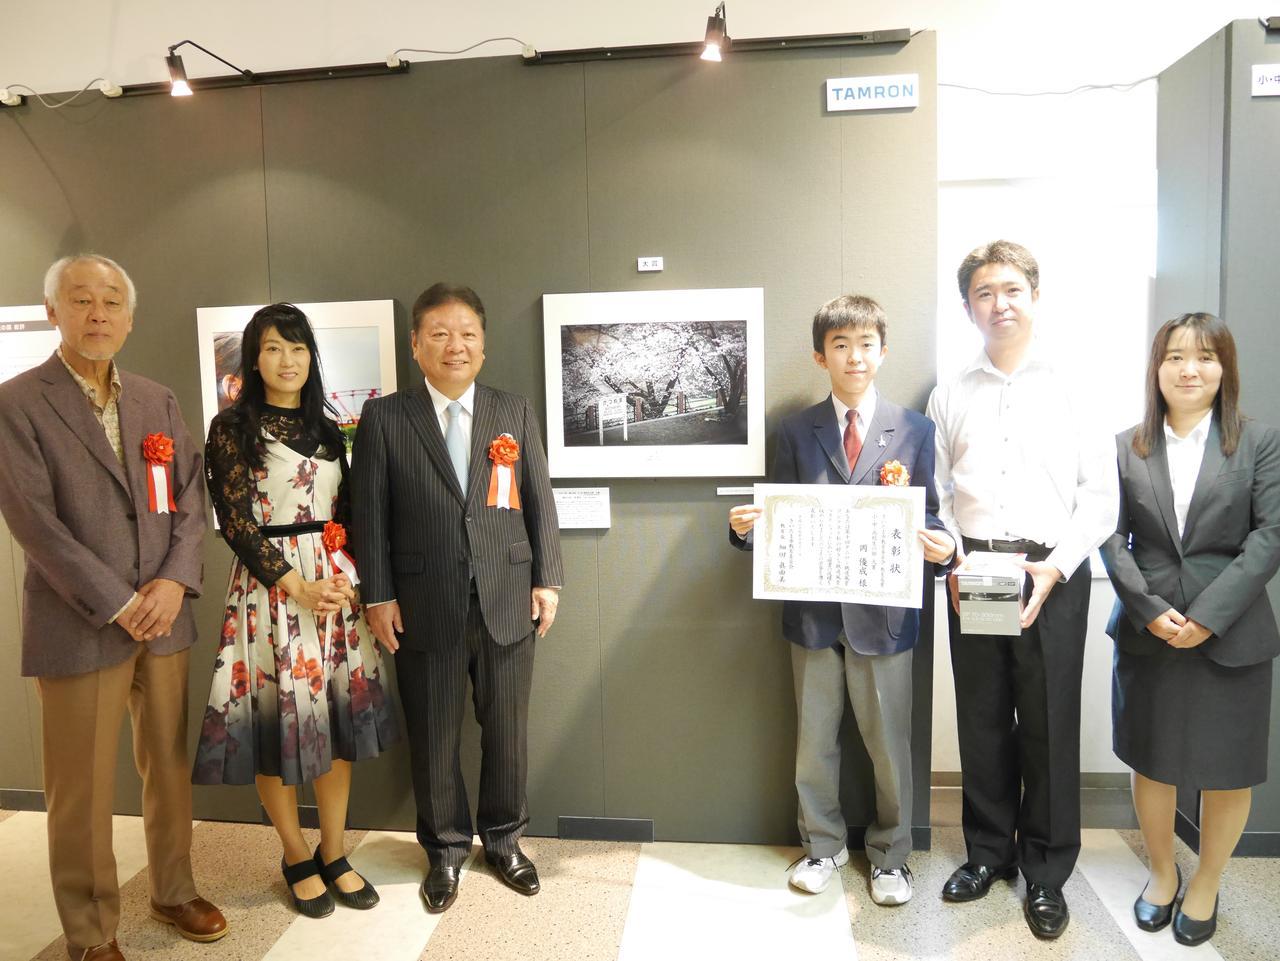 画像: 小・中・高校生の部大賞の岡優成さん。14歳と思えないような作品でびっくりした。